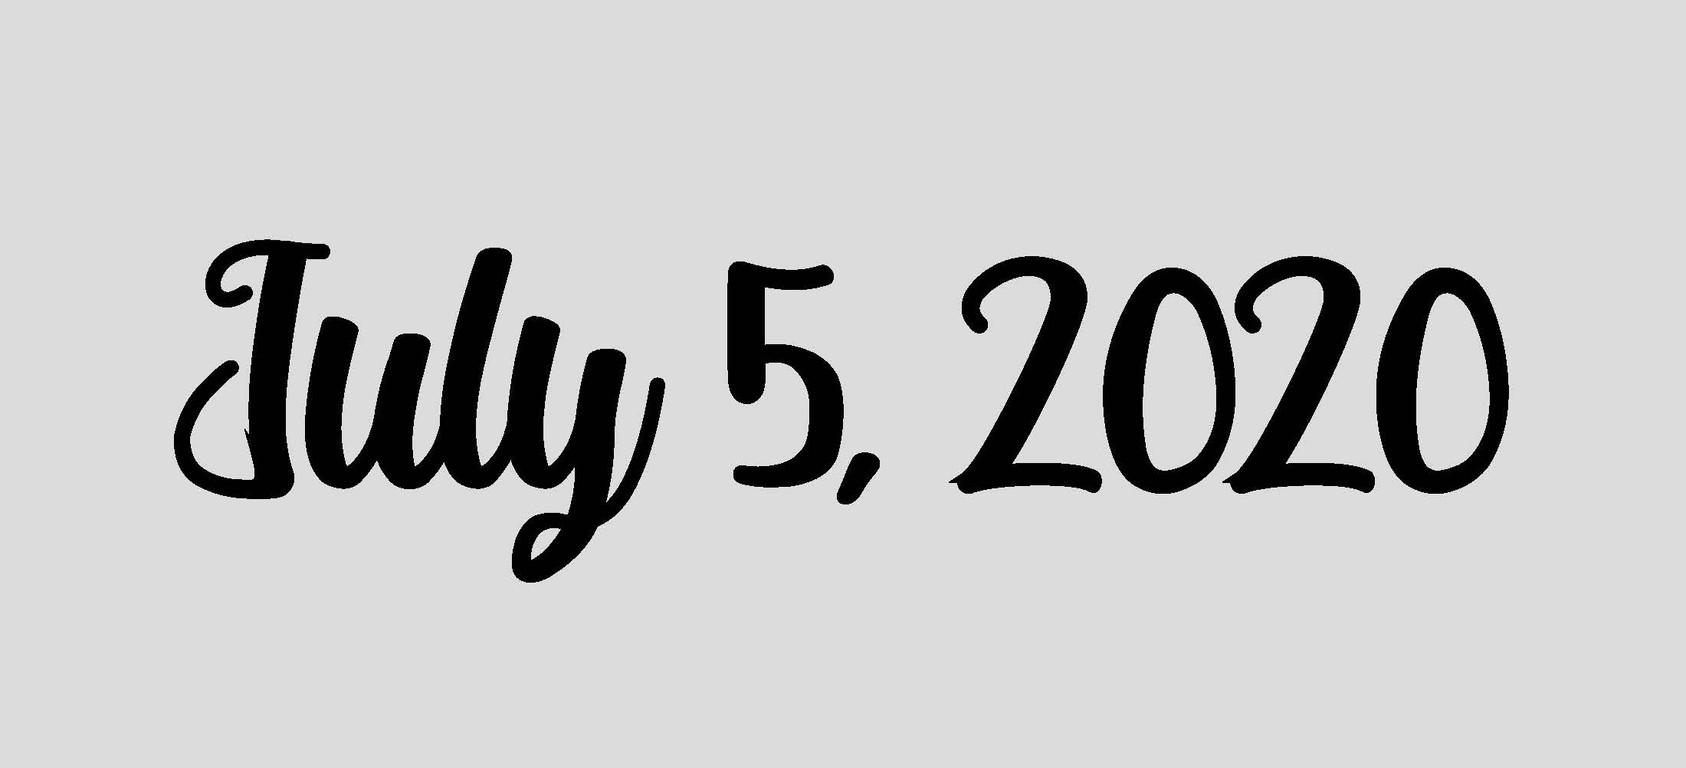 July 5, 2020